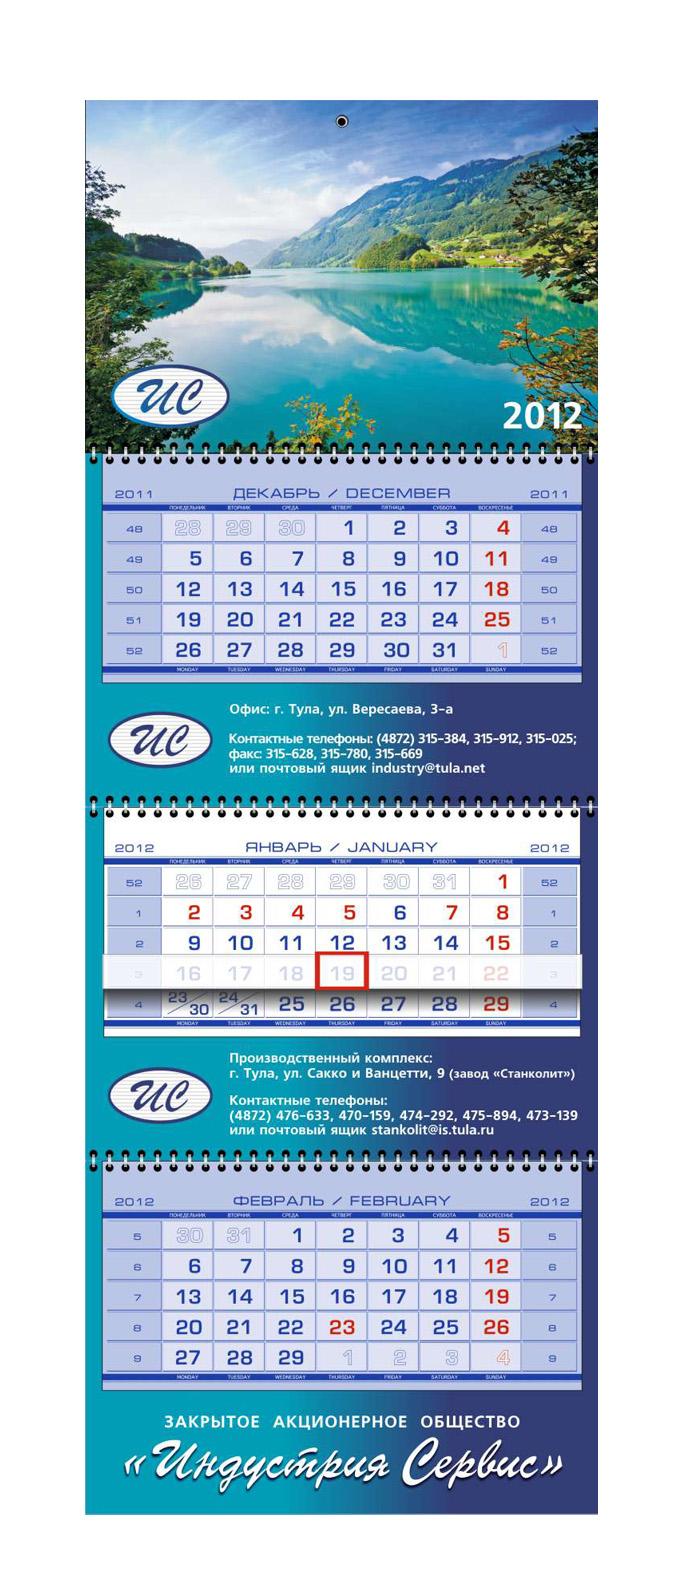 Дизайн в Киеве, цены на дизайн, разработка дизайна, дизайн